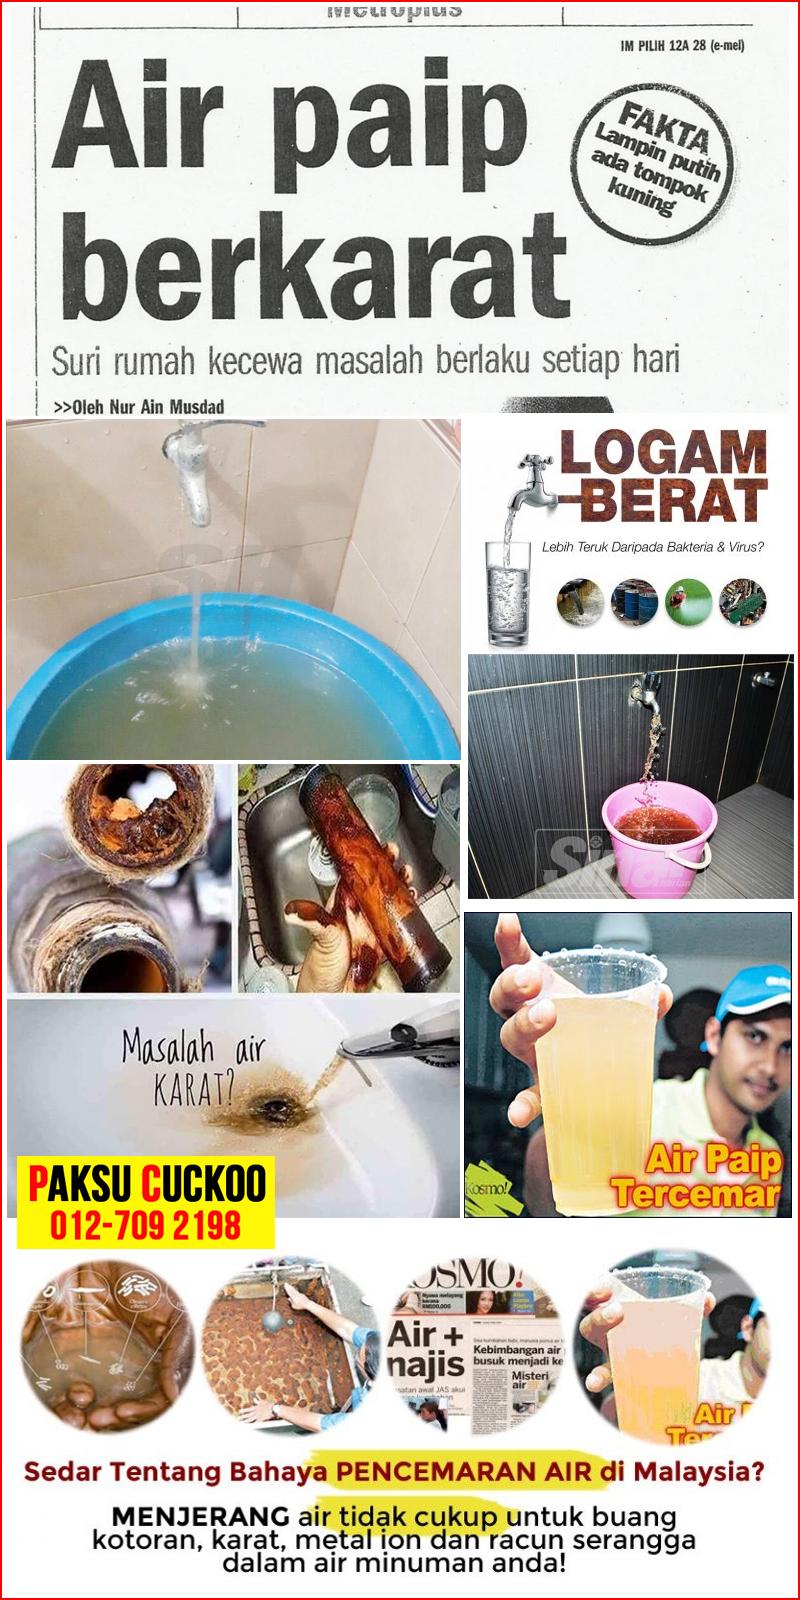 semua rumah di malaysia memerlukan cuckoo outdoor water purifier perlis kangar mesin penulen air luar rumah untuk membersihkan air yang masuk ke dalam rumah bersih